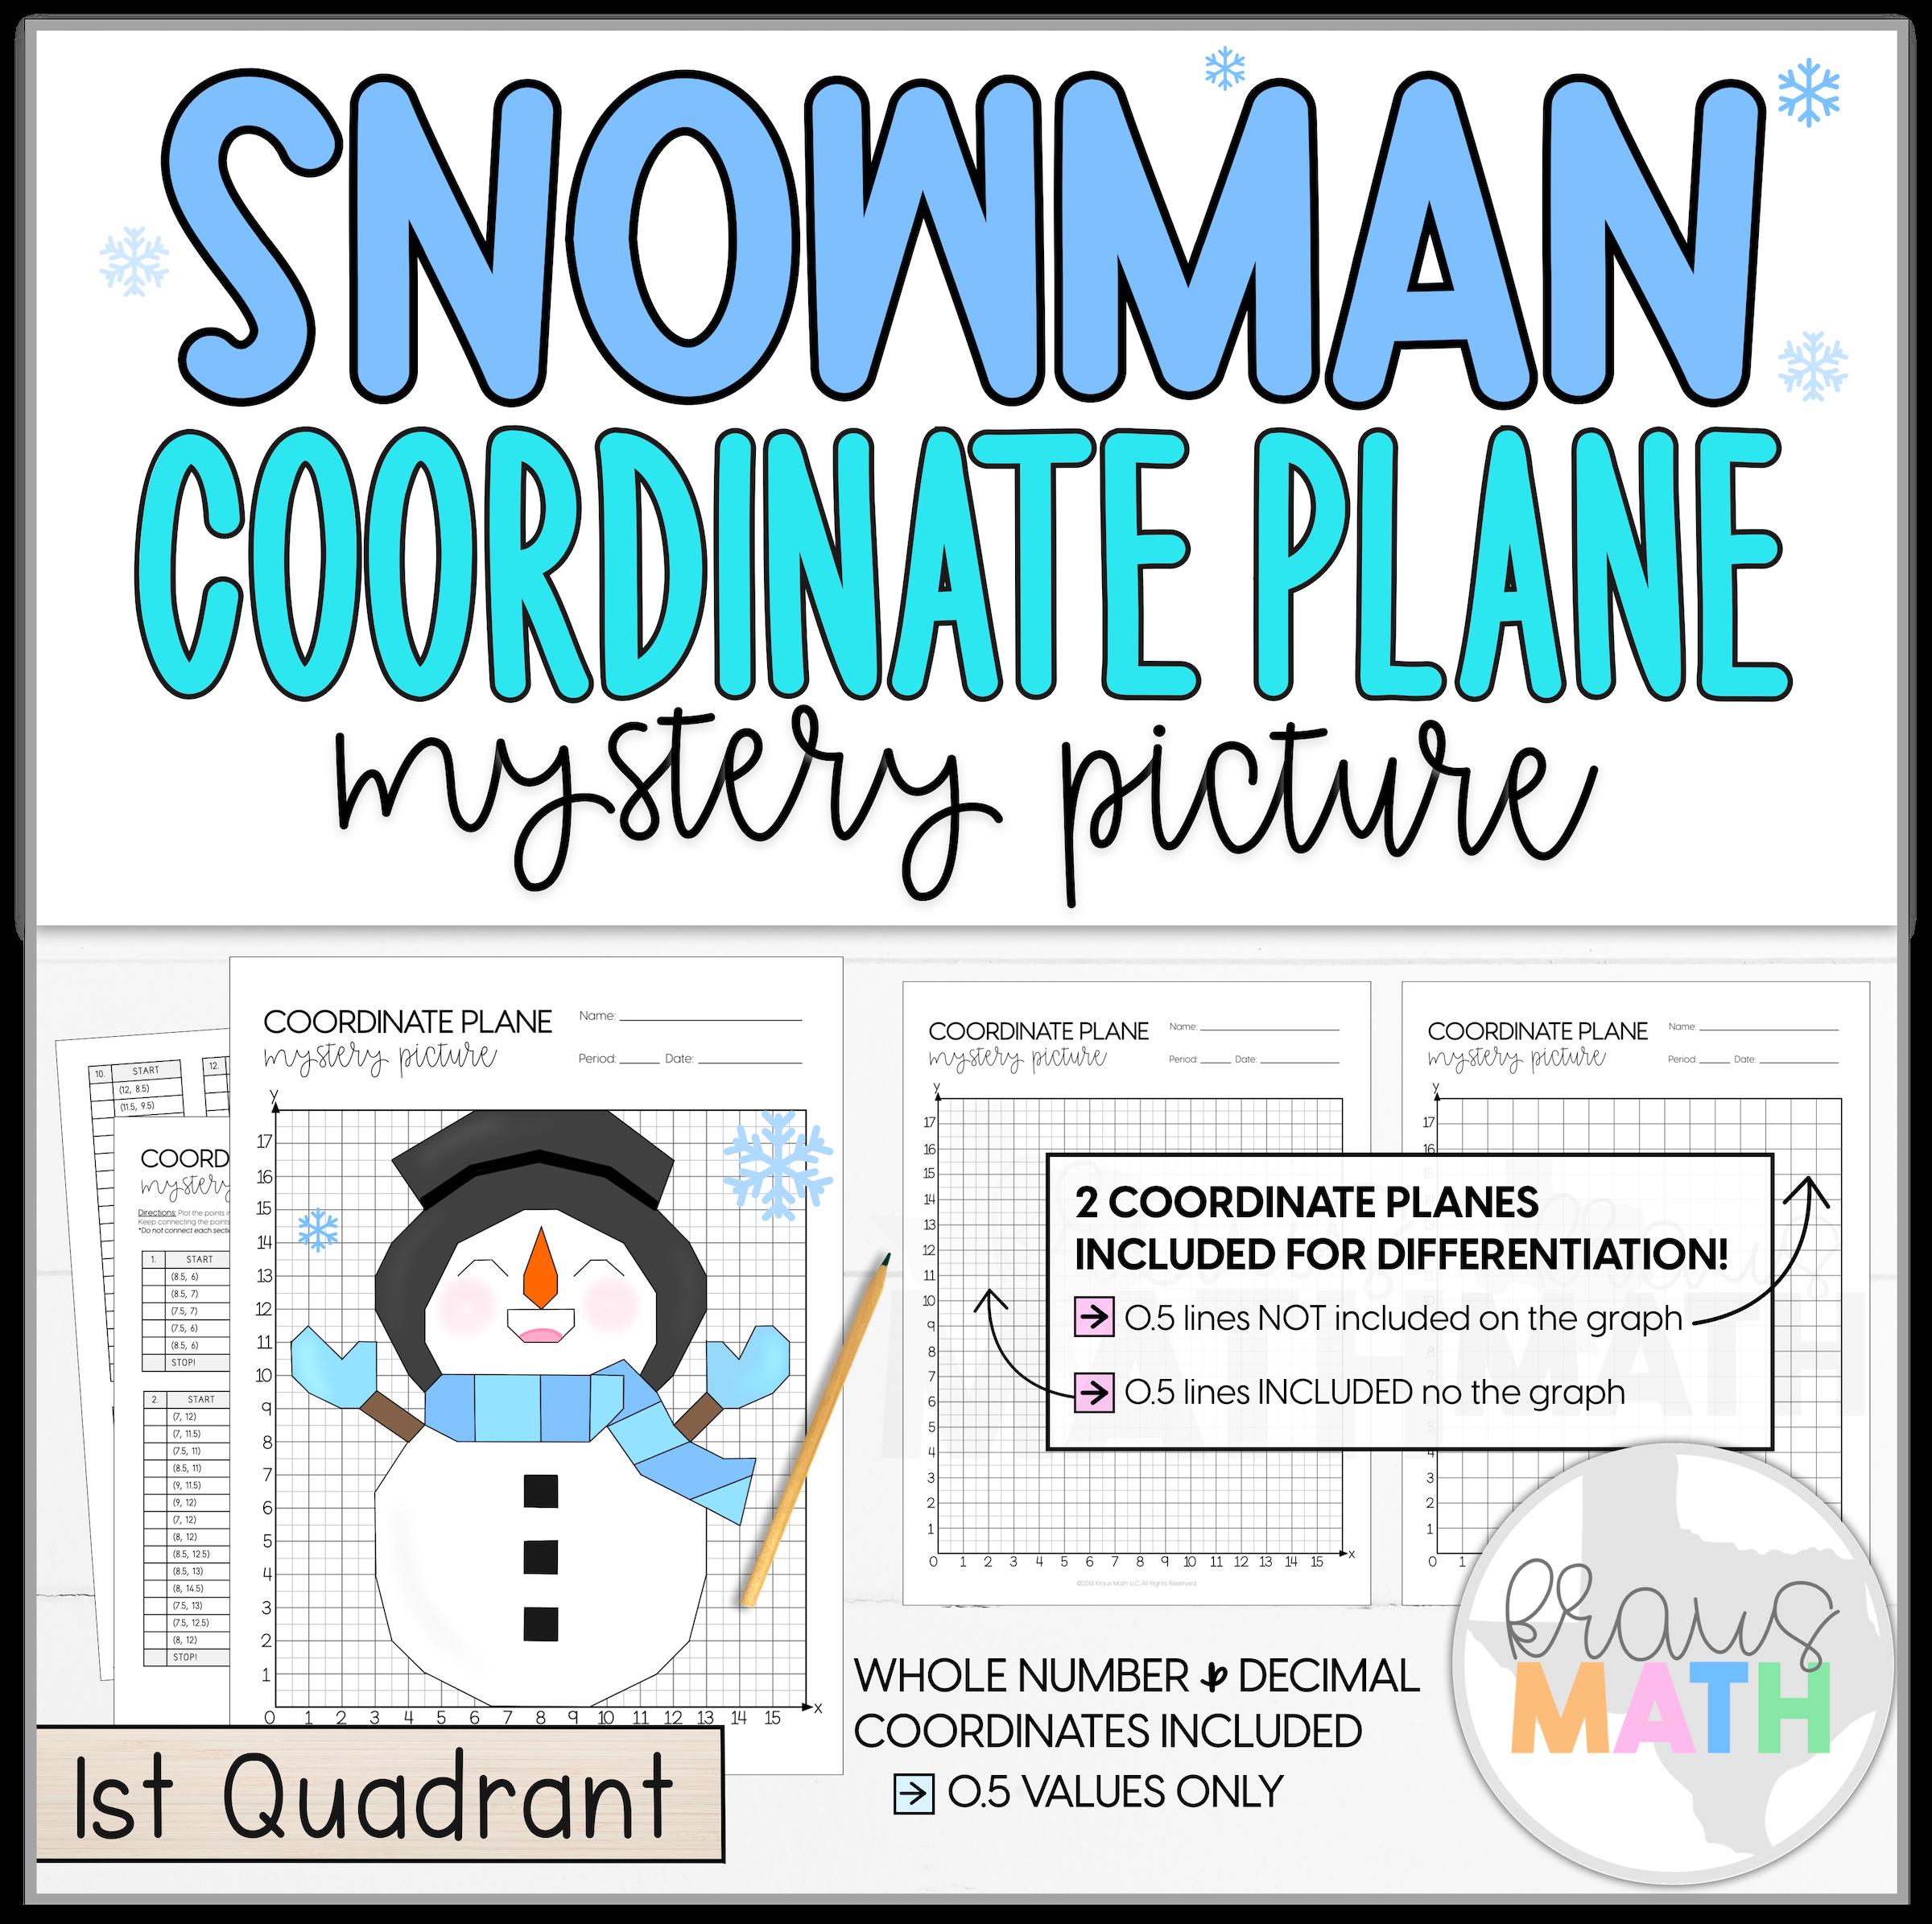 Snowman Let It Snow Coordinate Plane Mystery Picture 1st Quadrant Kraus Math Coordinate Plane Coordinate Graphing Mystery Picture Mystery Pictures [ 2390 x 2400 Pixel ]